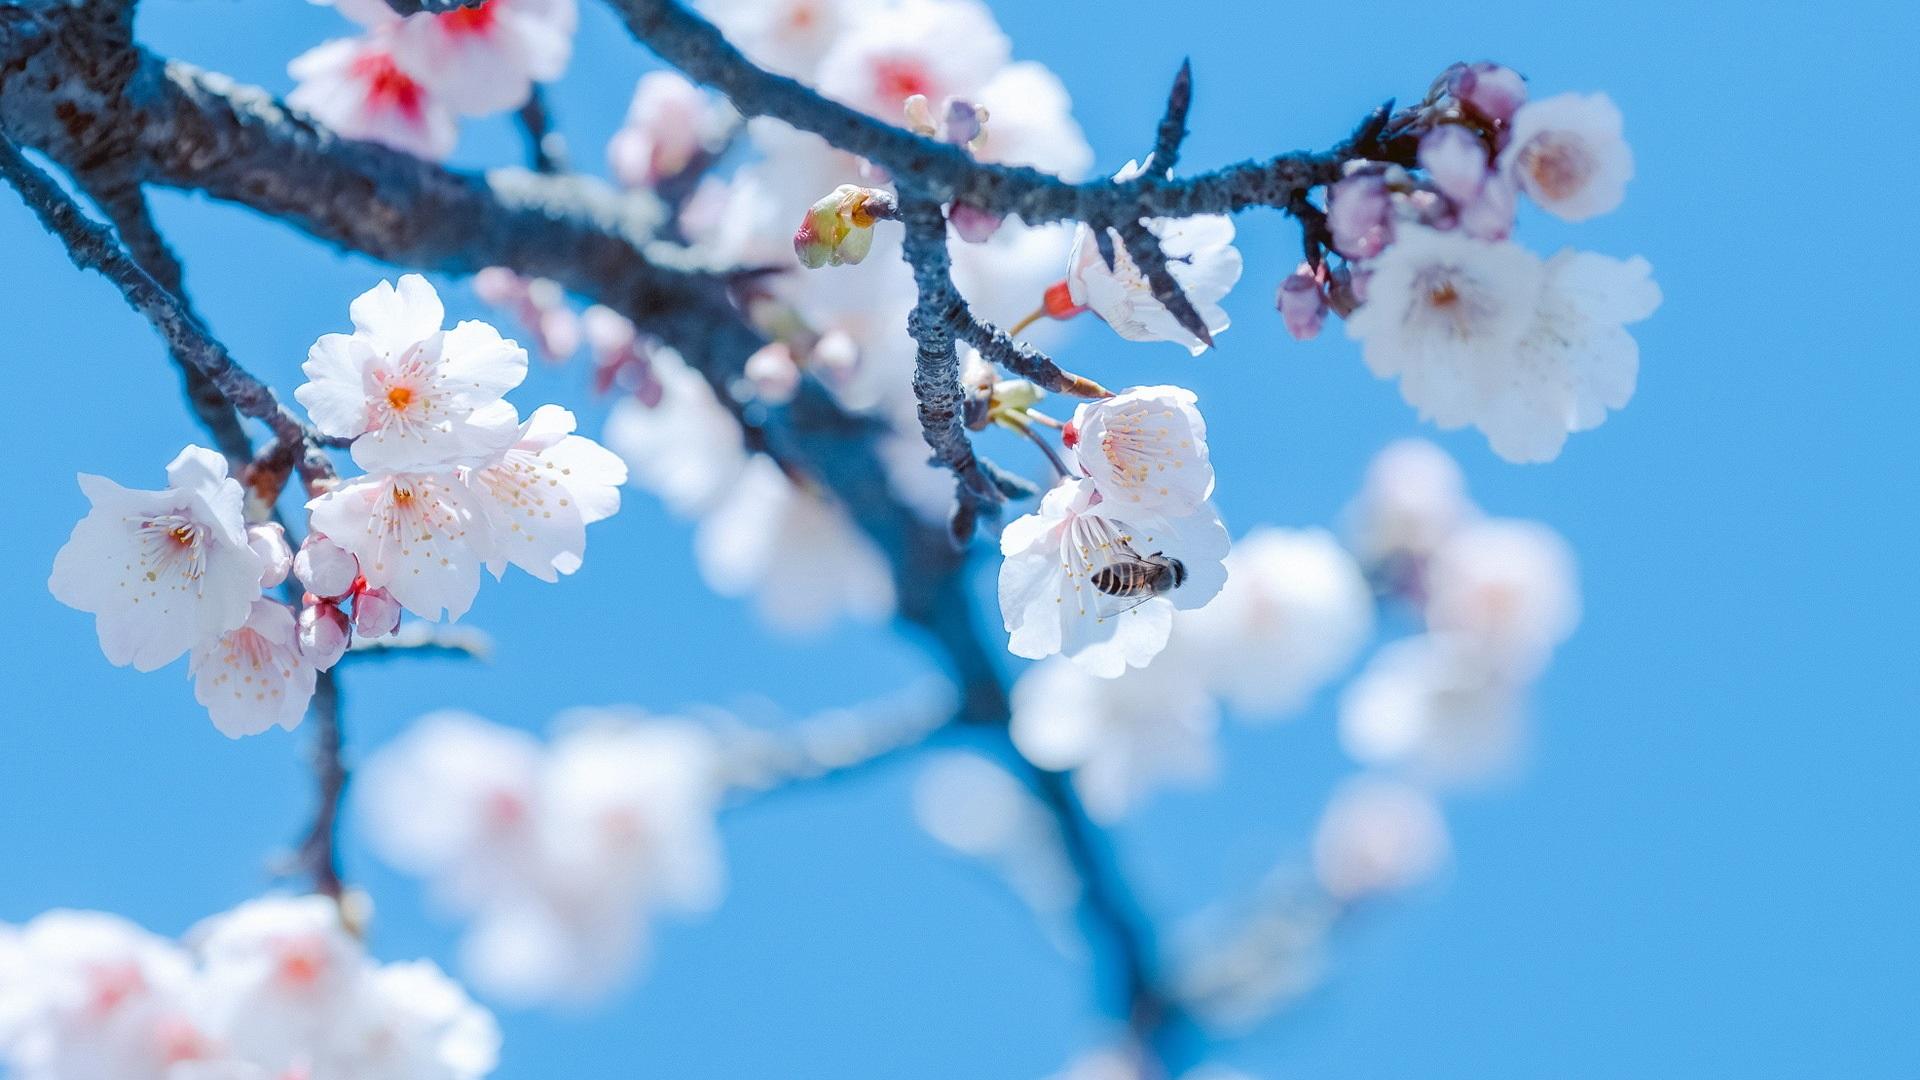 кино большие картинки весна на весь экран садоводами